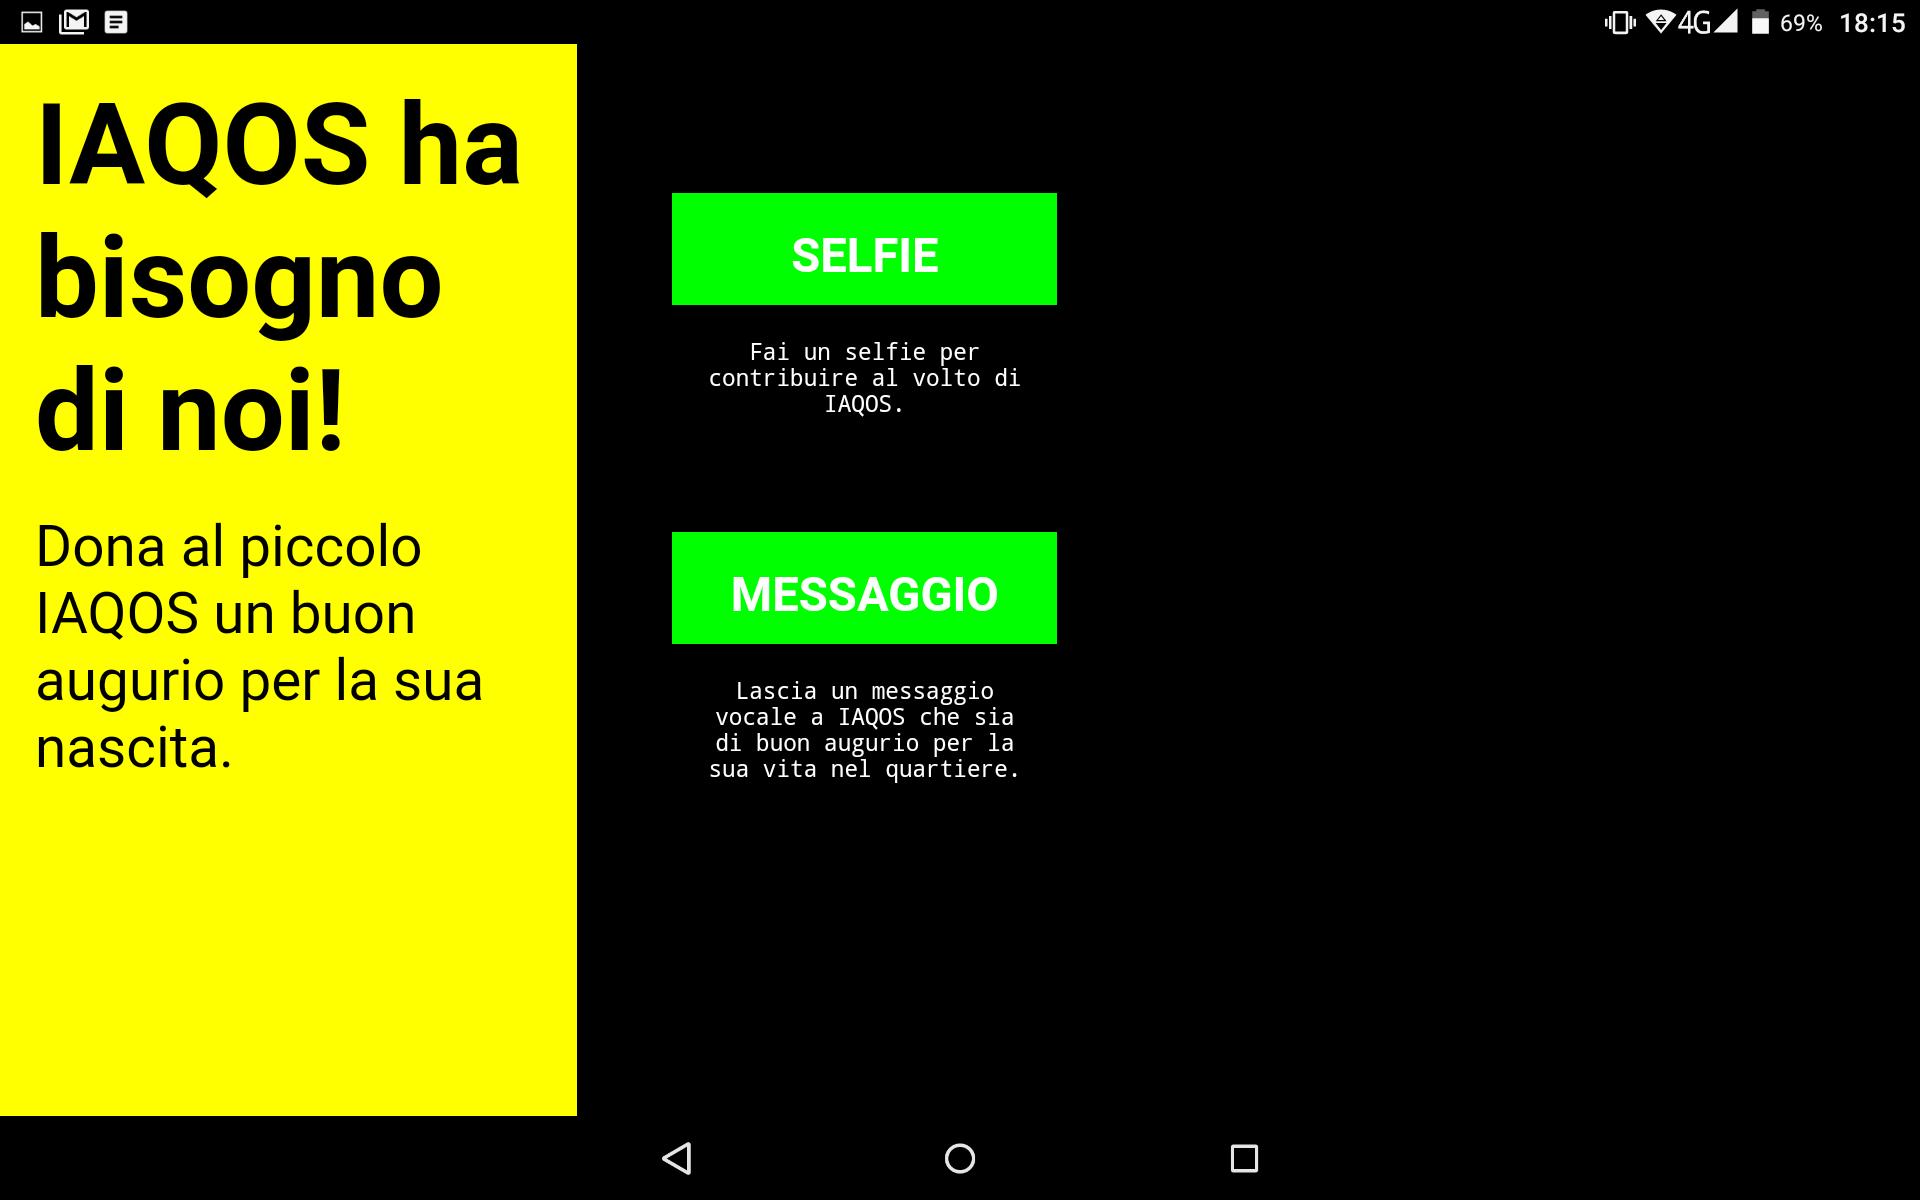 la app di IAQOS permette di lasciare messaggi vocali e immagini